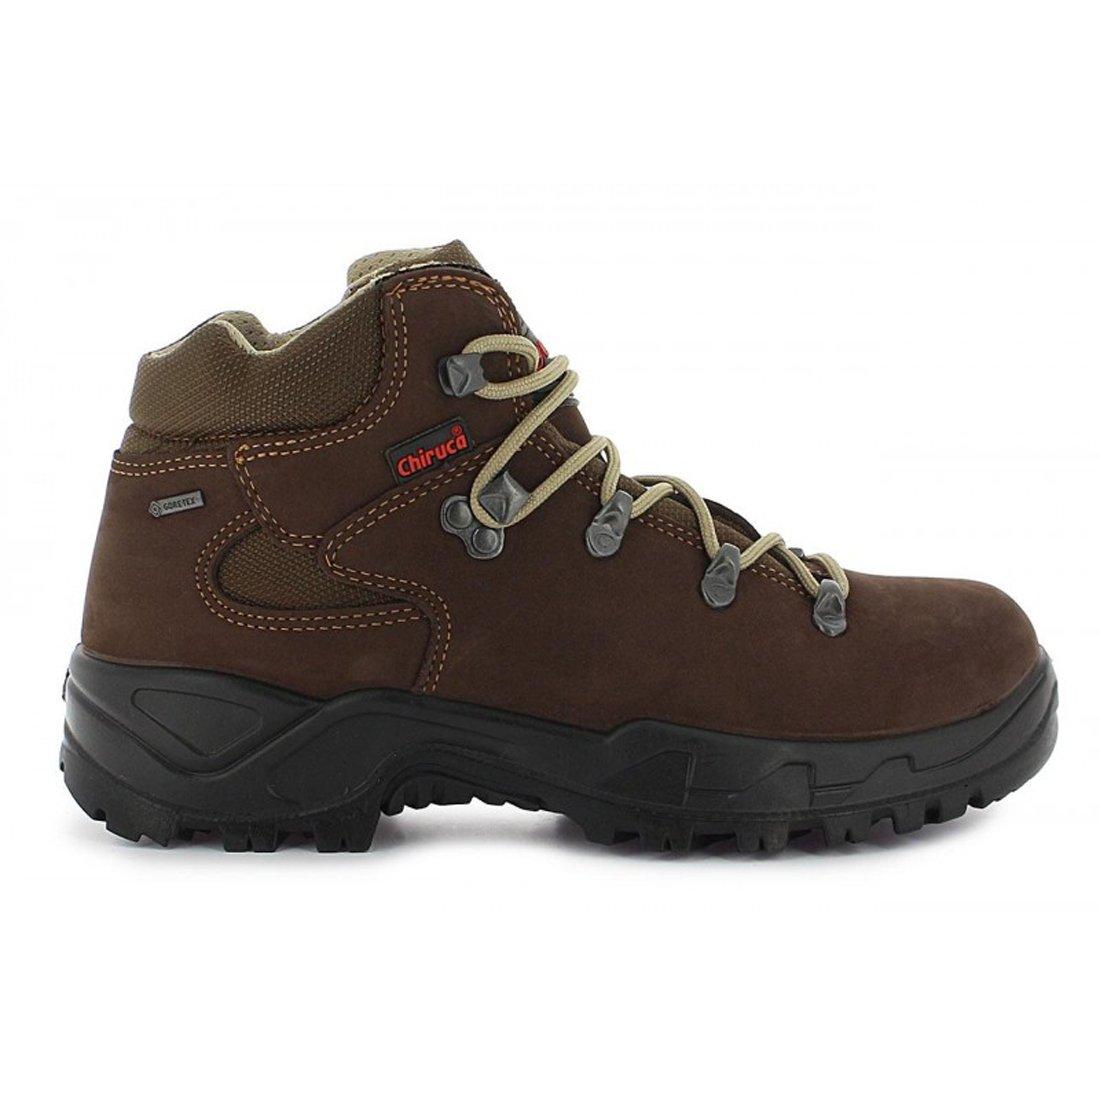 Nike Free RN Zapatillas de Gimnasia para Hombre EUPlateado